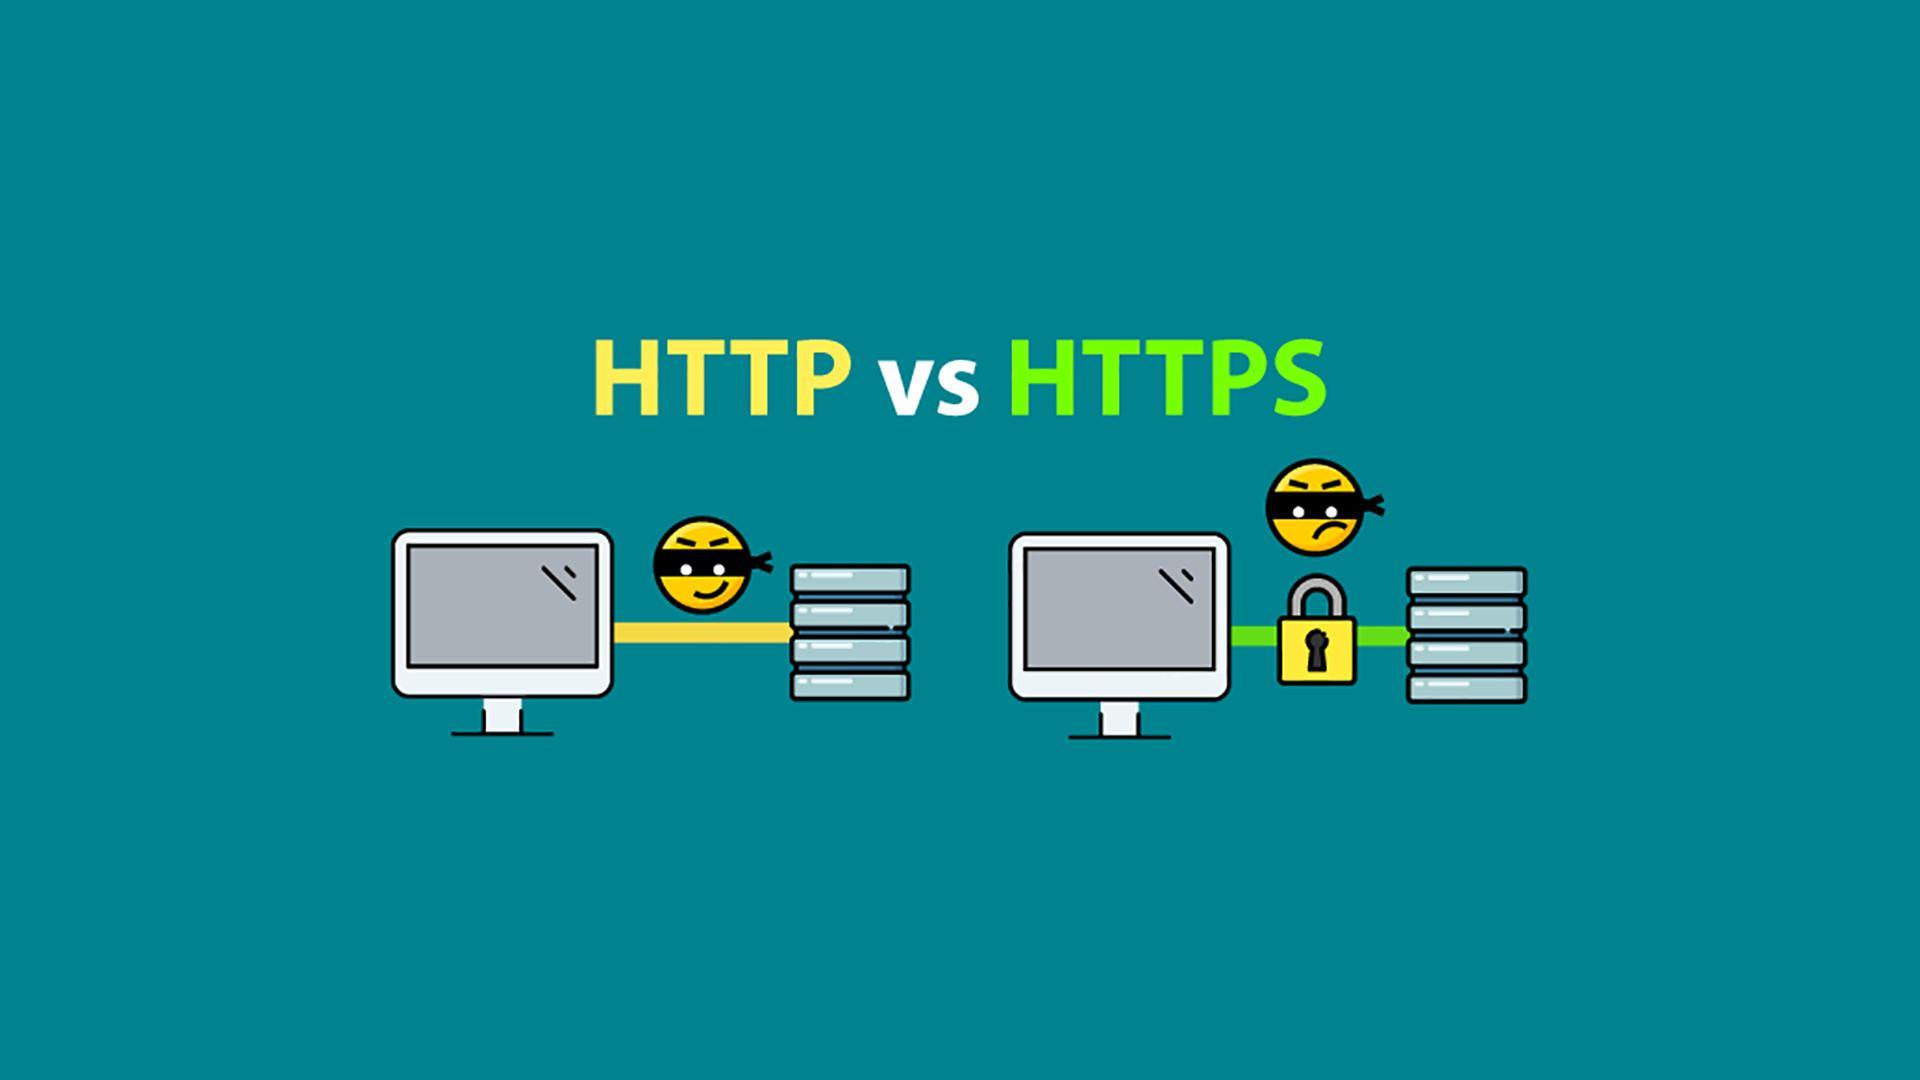 HTTP versus HTTPS